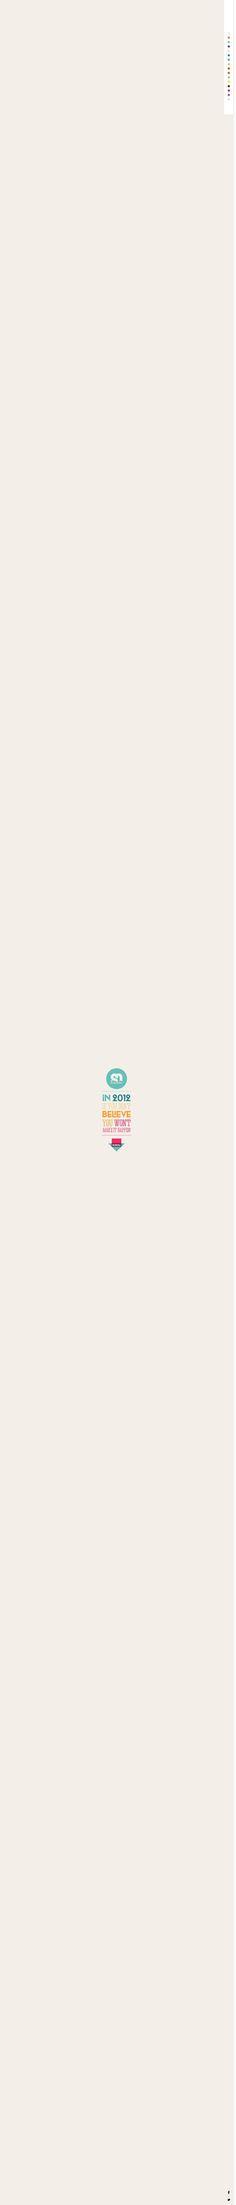 Soleil Noir 2012 | We believe in...